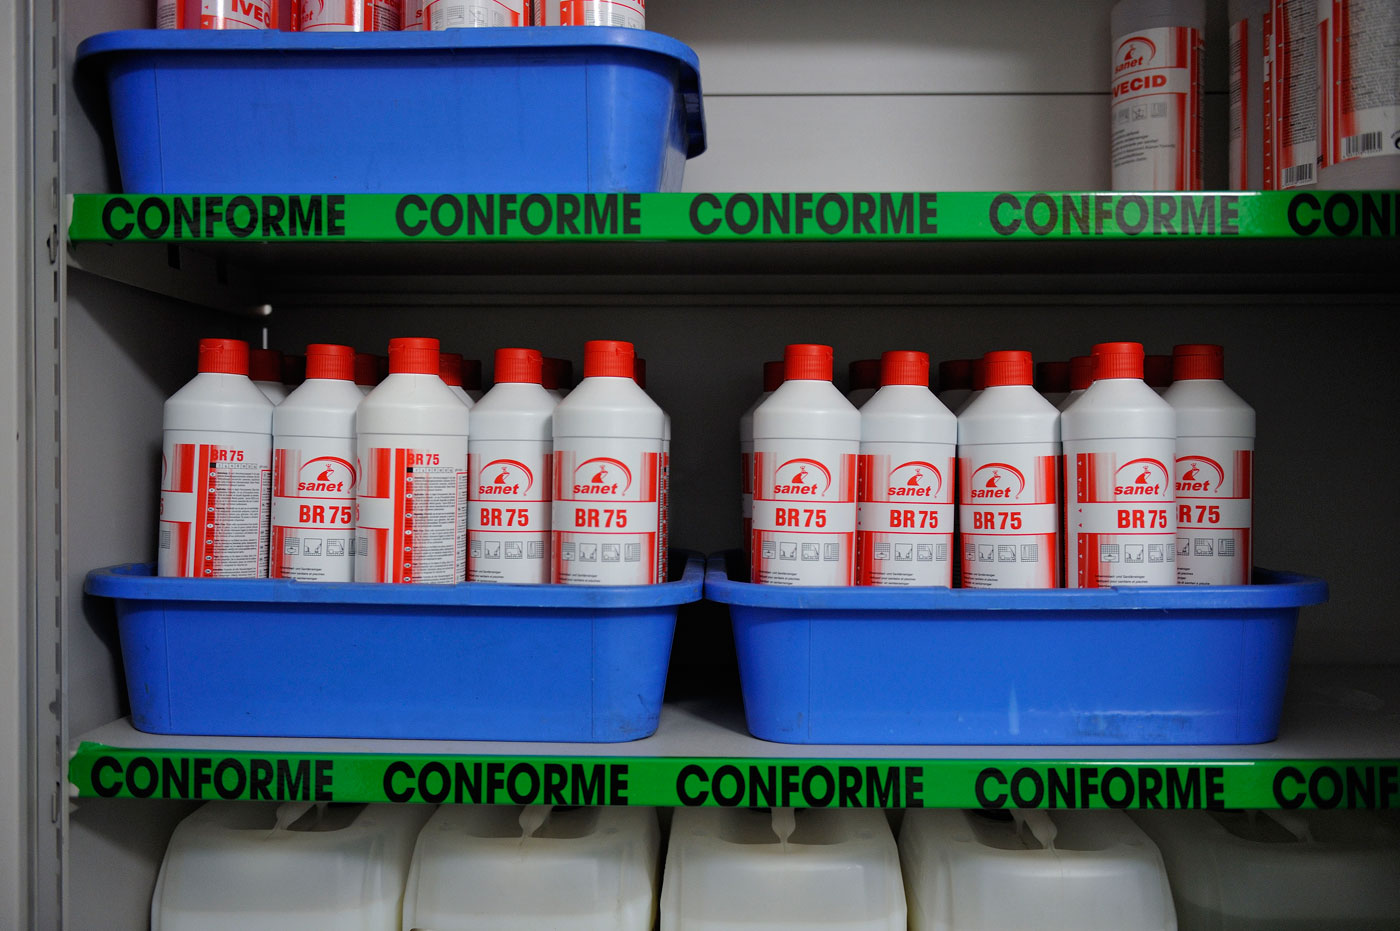 Rangement Des Produits D Entretien risques chimiques. stockage des produits chimiques - risques